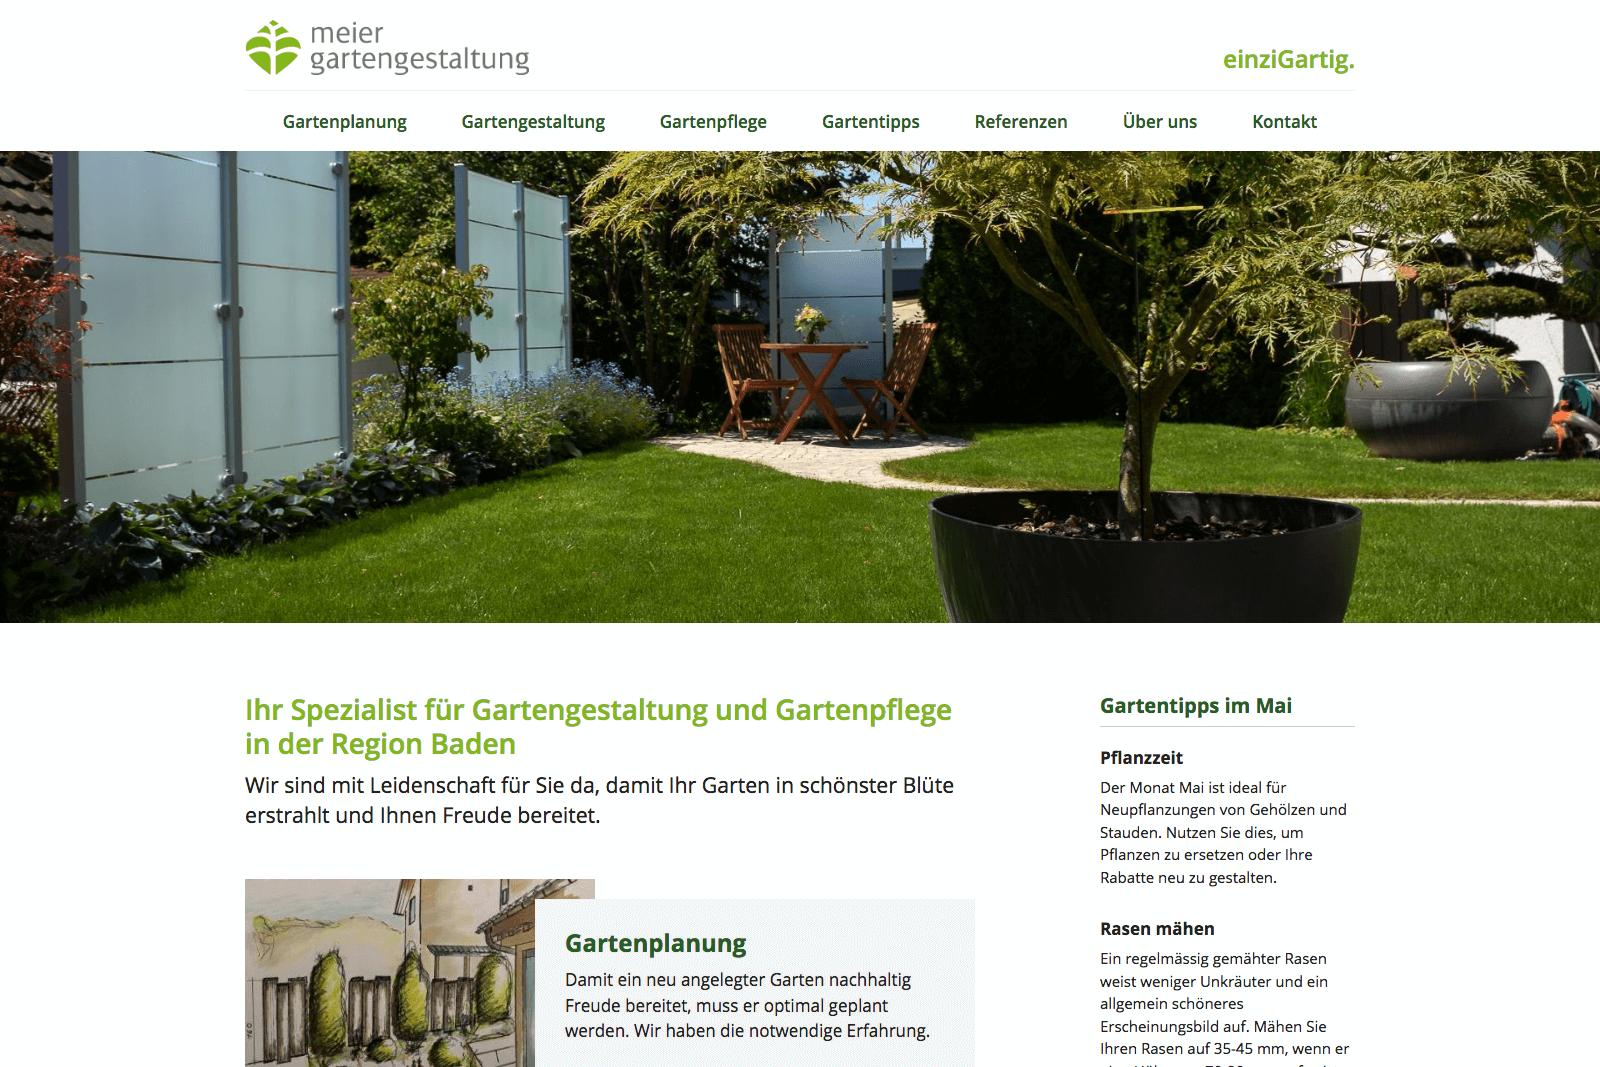 Www.meier Gartengestaltung.ch